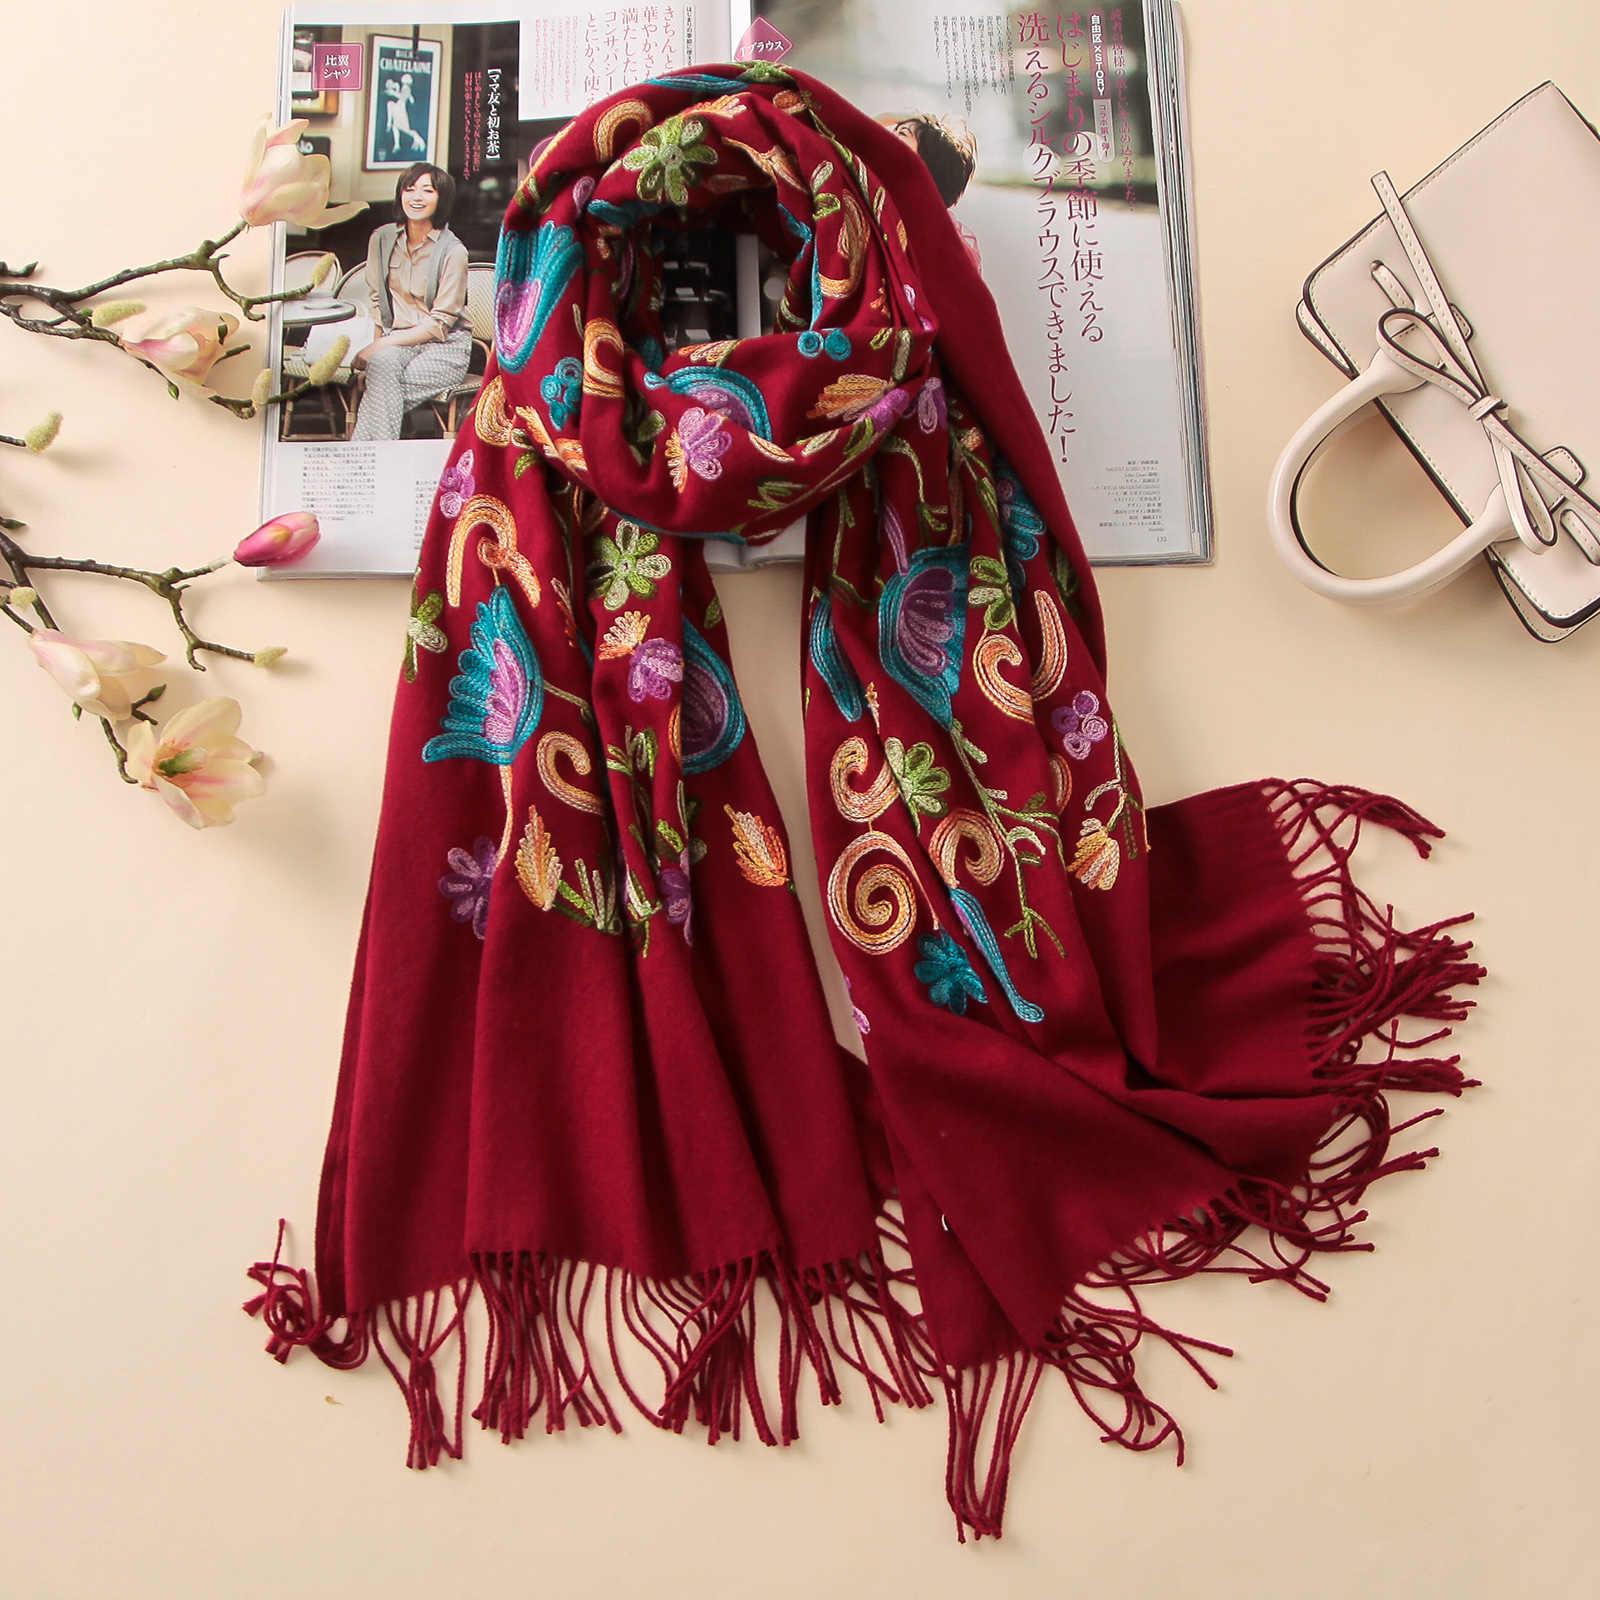 2020 デザイナー品質刺繍カシミヤスカーフヴィンテージ冬の女性のスカーフ大サイズショールとラップ女性ソフトウォーマースカーフ